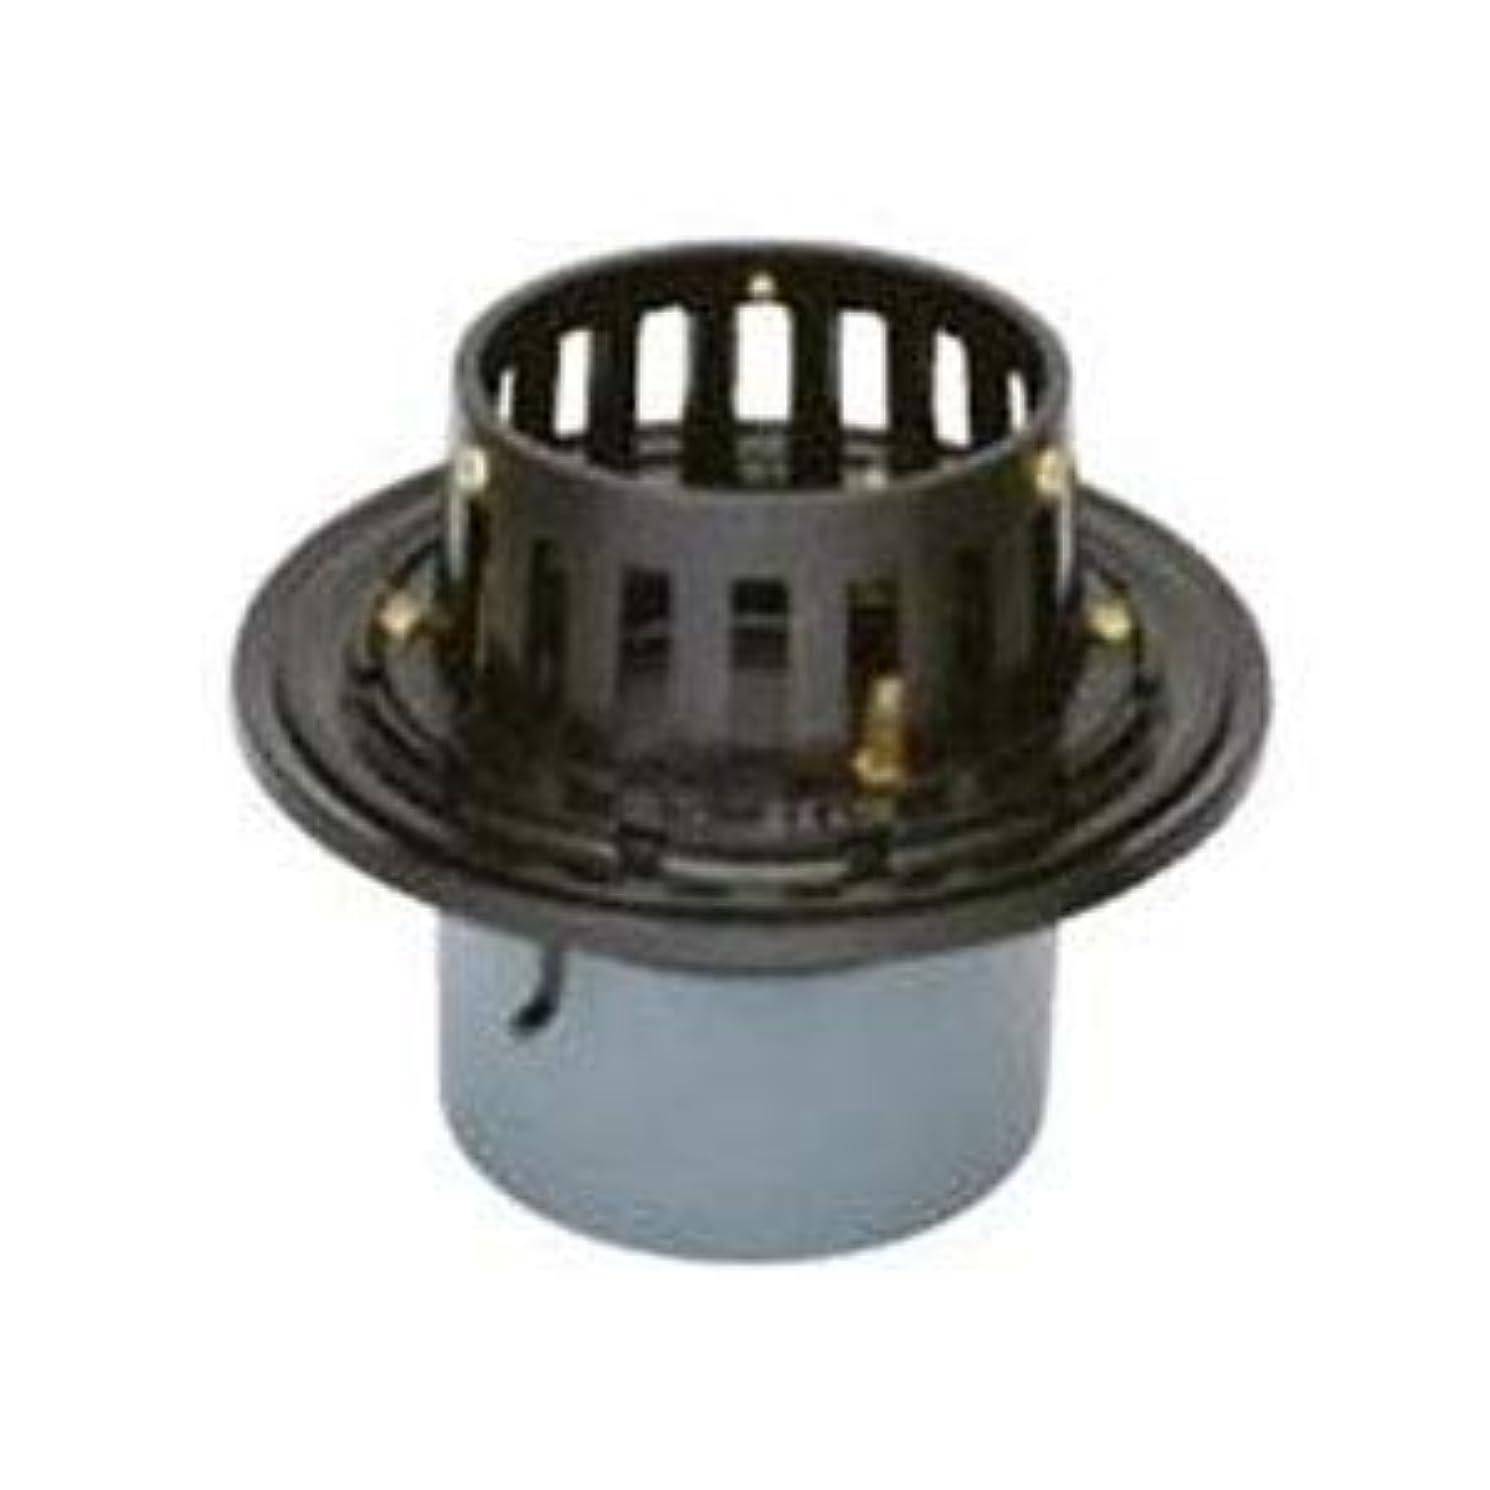 責めるデモンストレーションボーダーカネソウ 鋳鉄製ルーフドレイン たて引き用 打込型 バルコニー中継用(呼称75) ESB-2-75